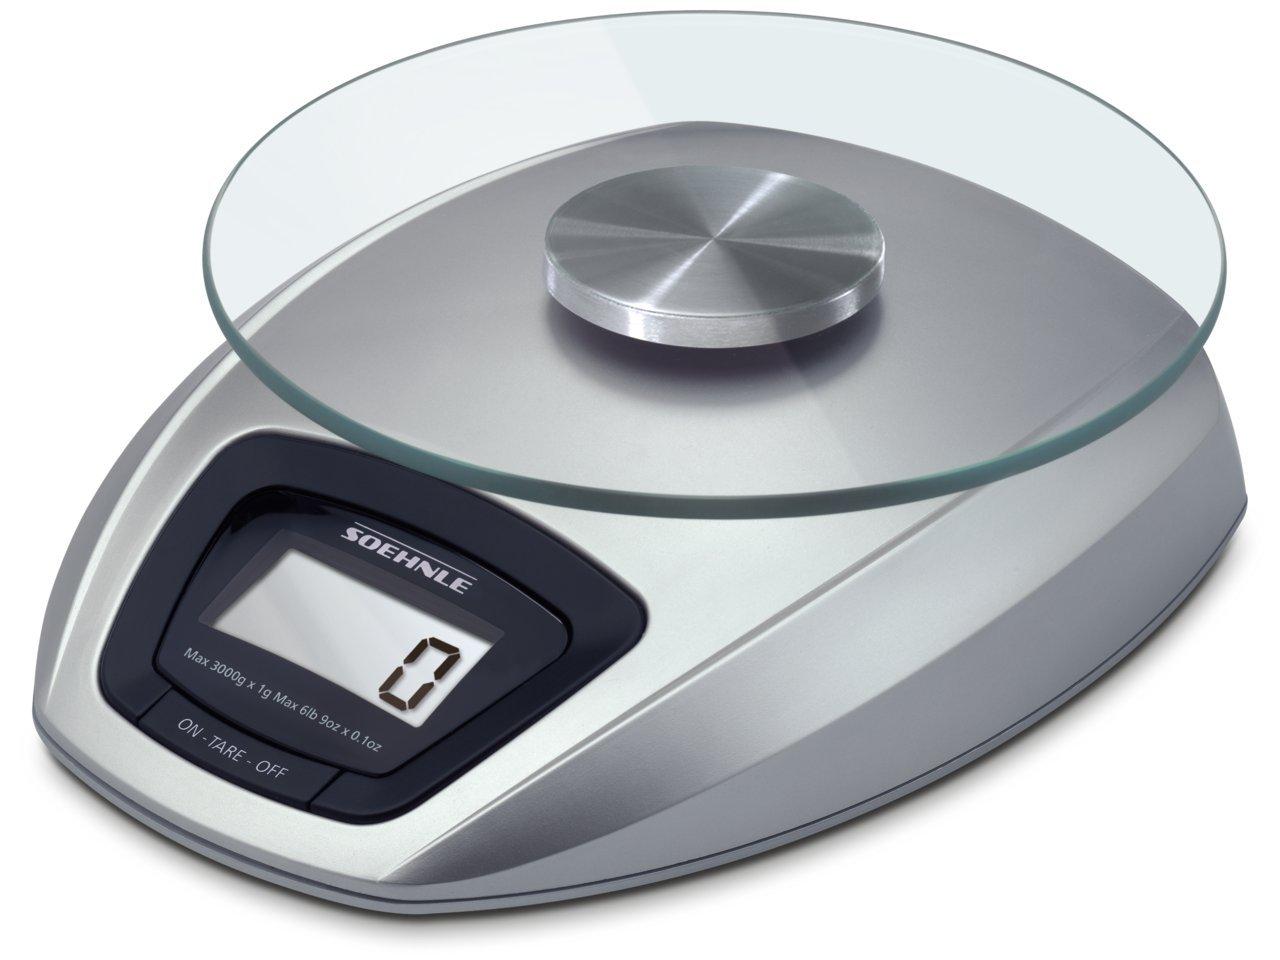 Soehnle 65840 Digitale Küchenwaage Siena silber: Amazon.de: Küche ...